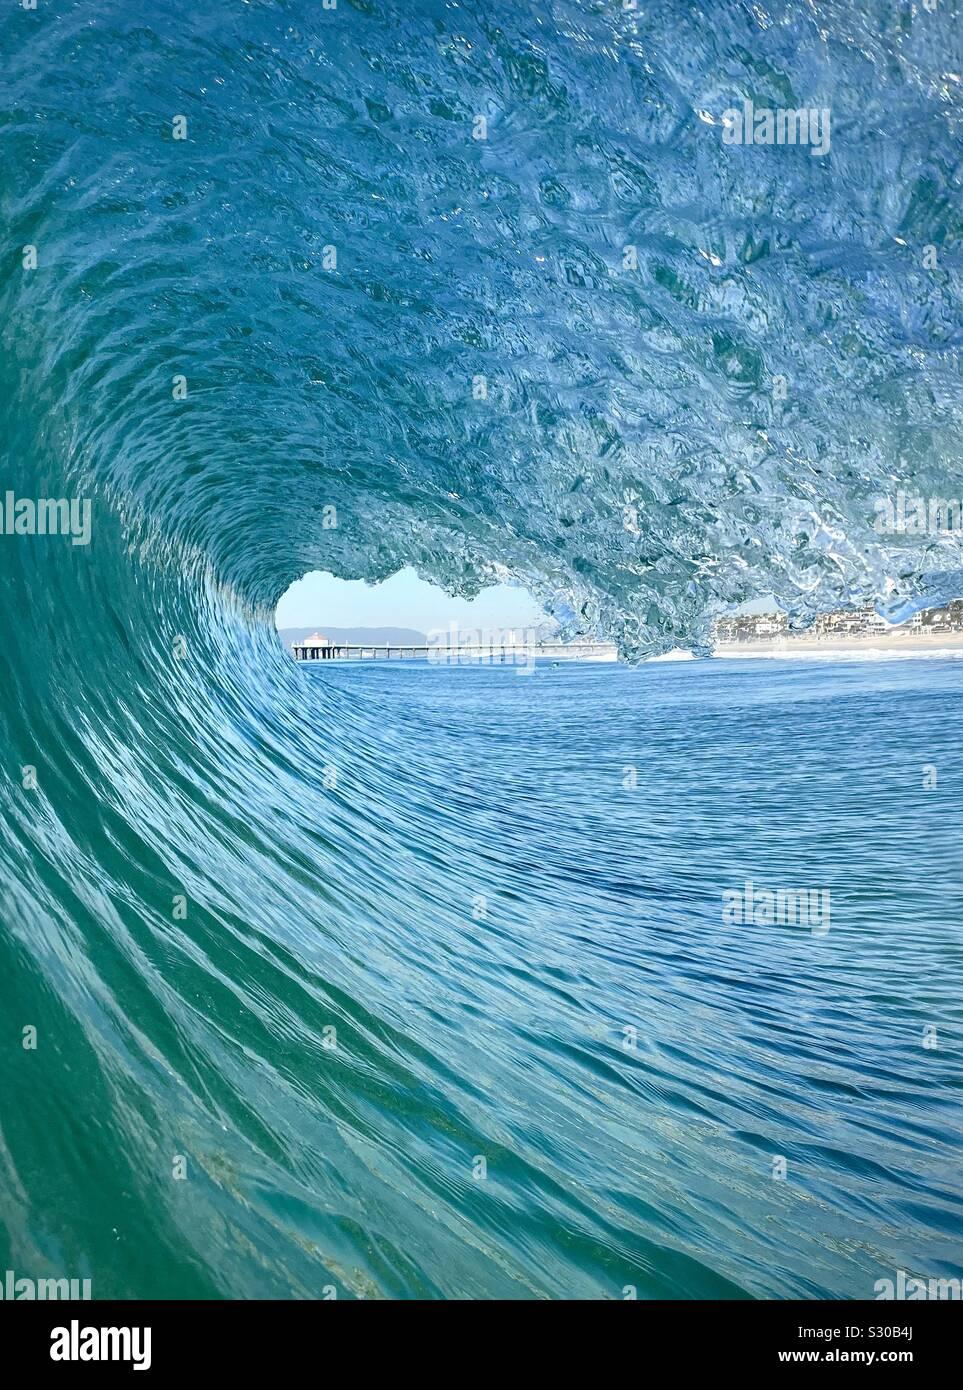 Innen aus einem fässerfüllen Wave mit Manhattan Beach Pier im Hintergrund. Manhattan Beach, Kalifornien, USA Stockfoto